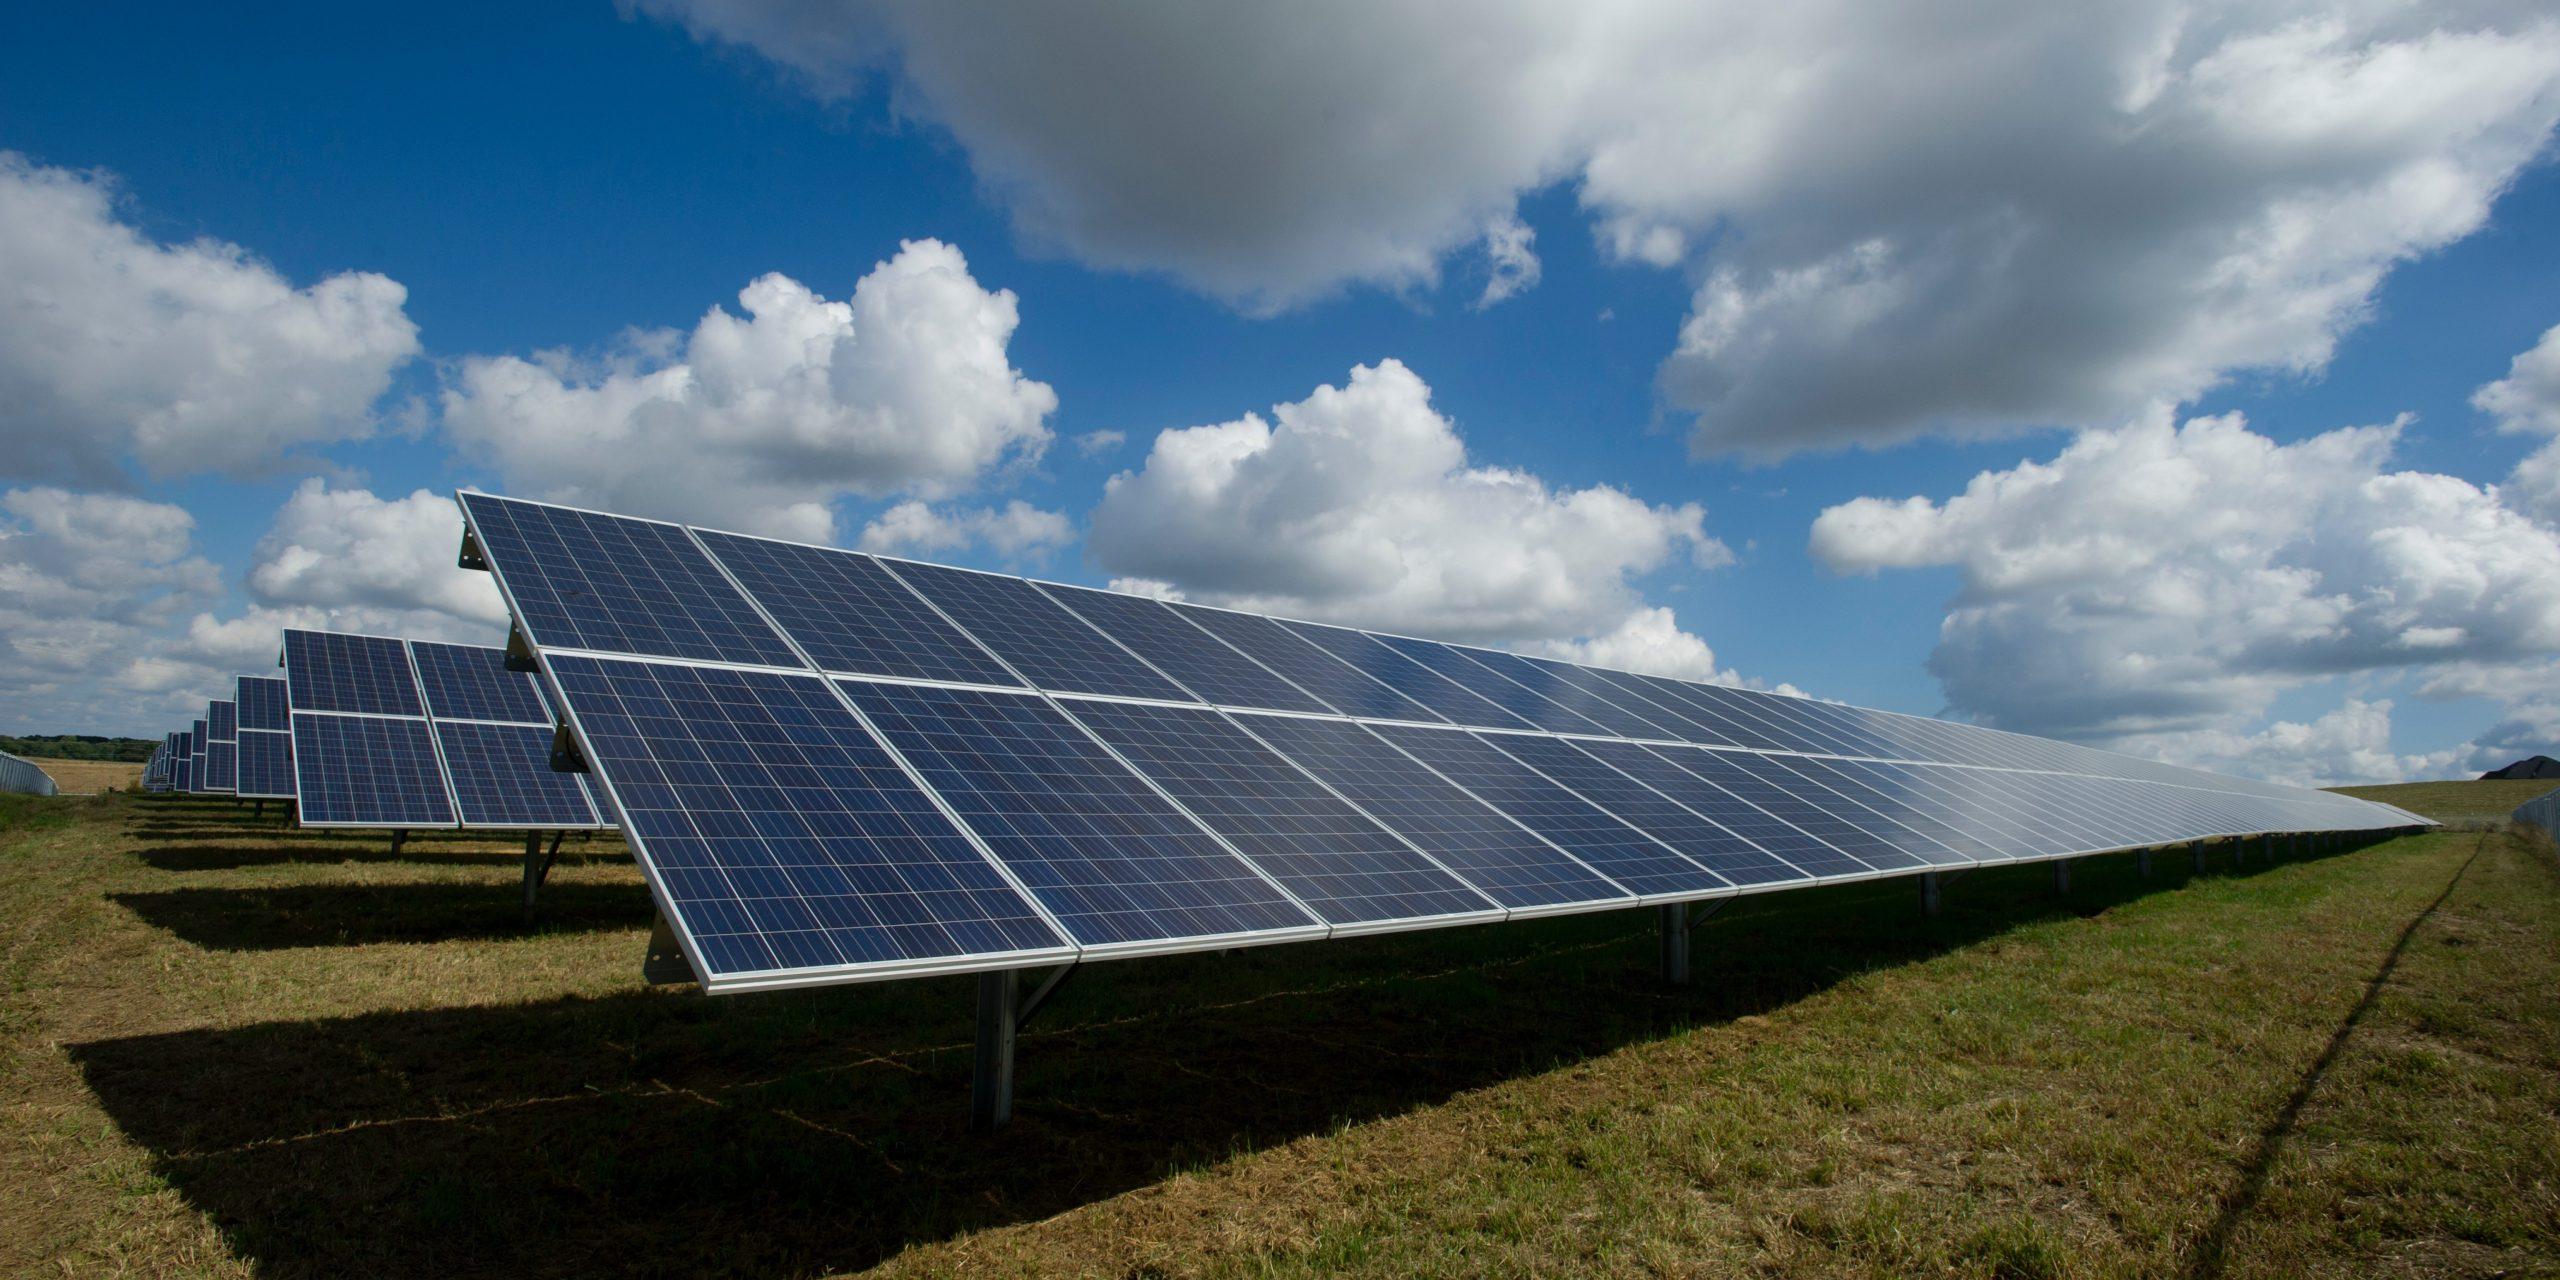 Hoymiles запускает новую платформу мониторинга солнечных электростанций S-Miles Cloud